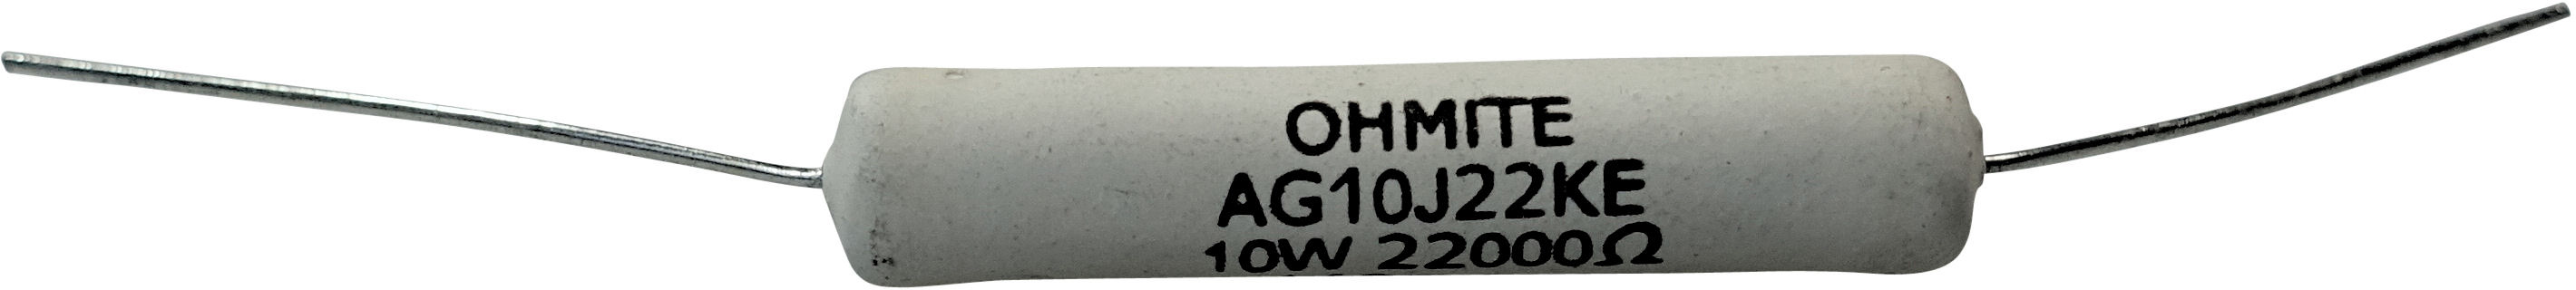 Ohmite Audio Gold 10W - 6,8 Ohm